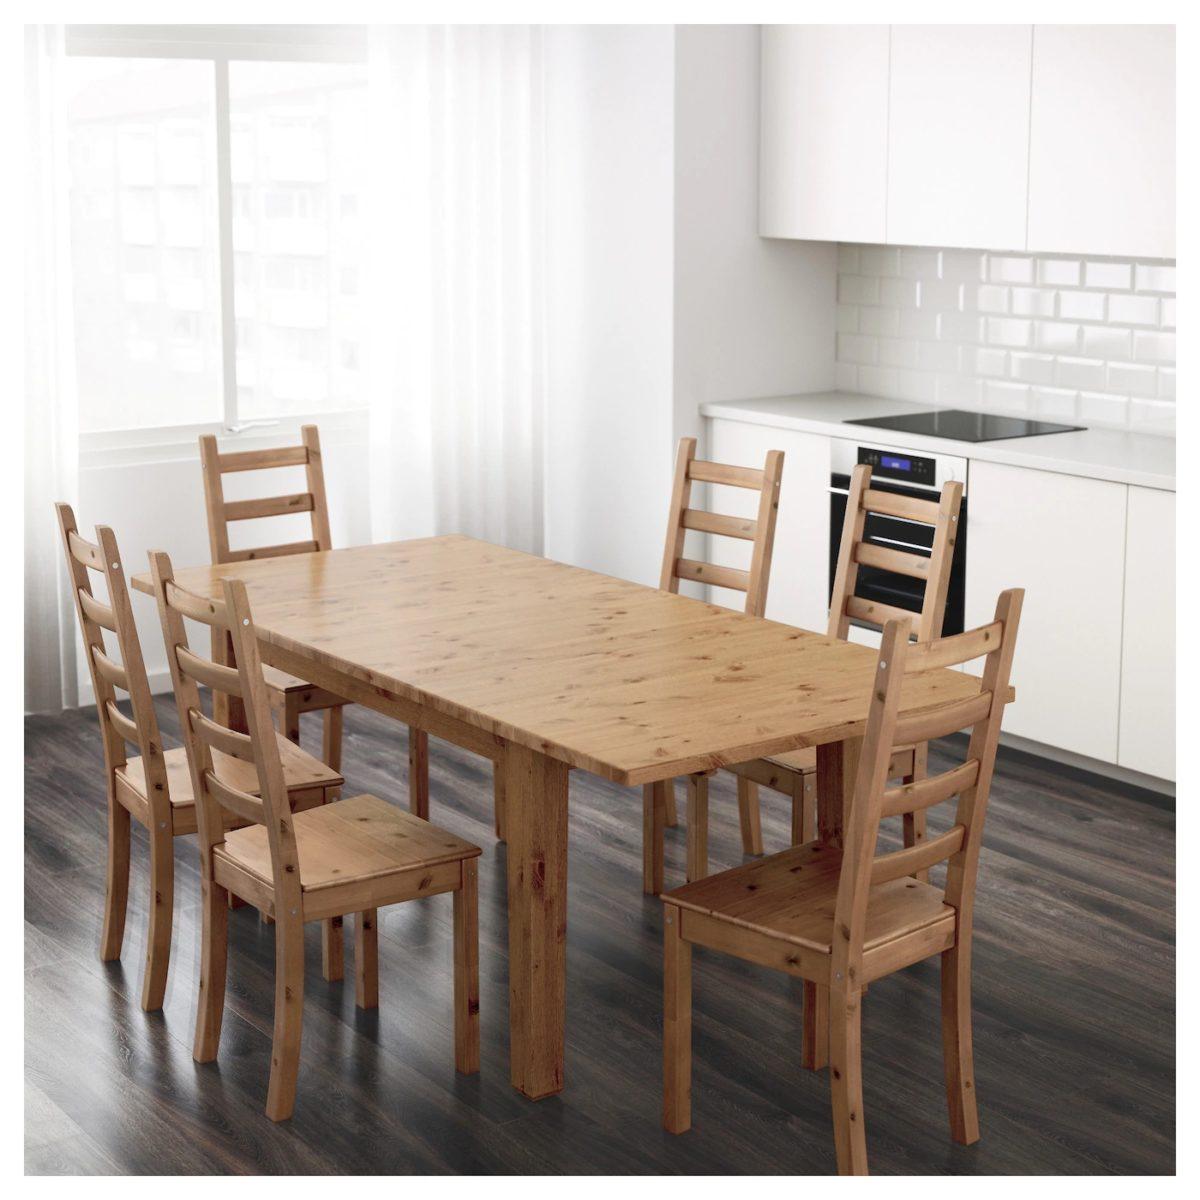 Tavoli Allungabili Da Cucina Ikea.Ikea Sconti E Offerte Novembre 2019